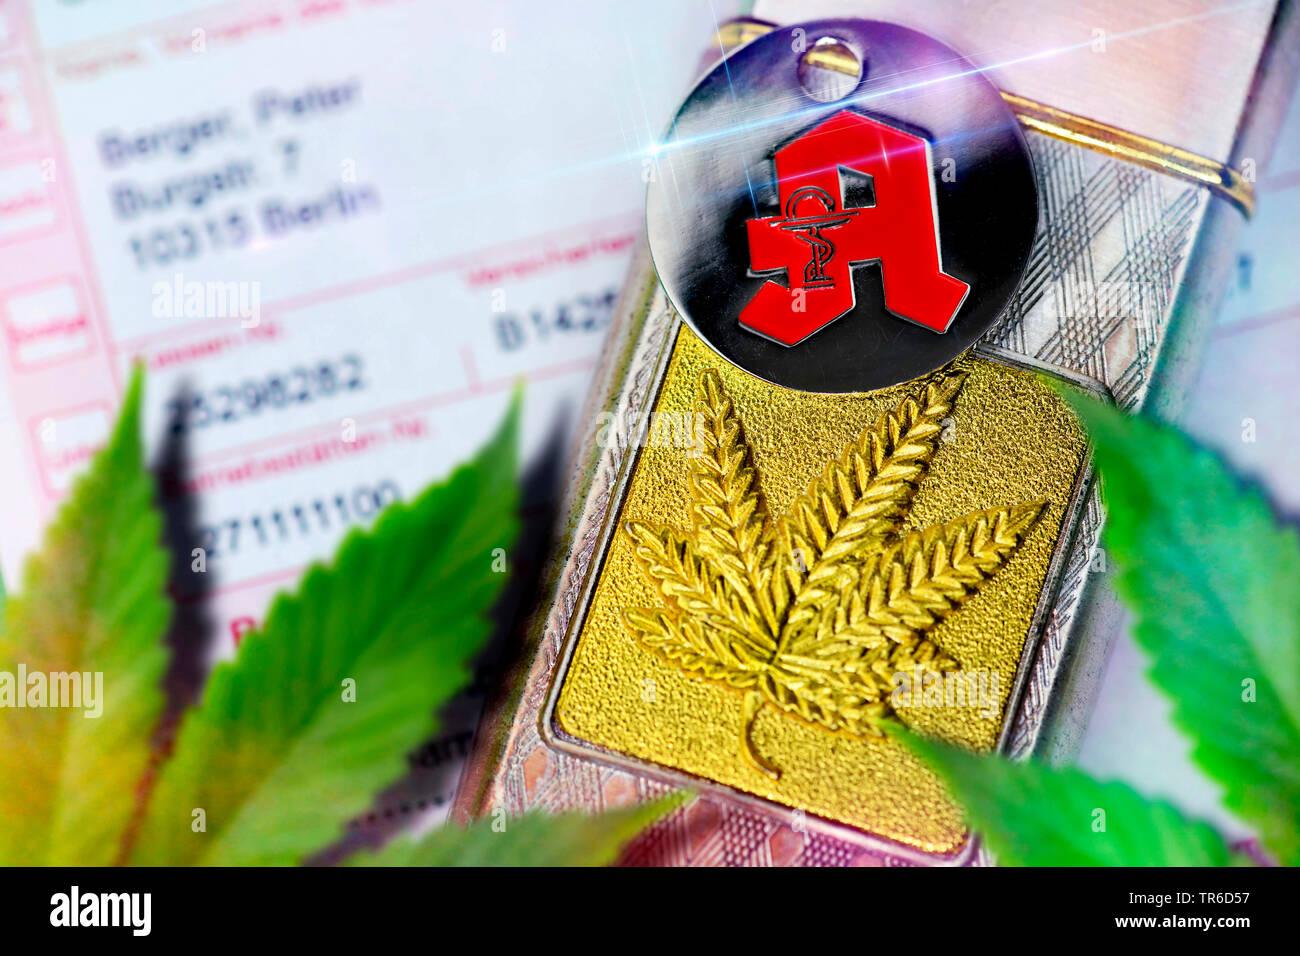 Hanf (Cannabis sativa), Hanfblatt auf einem Feuerzeug und Apotheken-Zeichen, Zulassung von Cannabis auf Rezept, Deutschland | Indian hemp, marijuana, - Stock Image